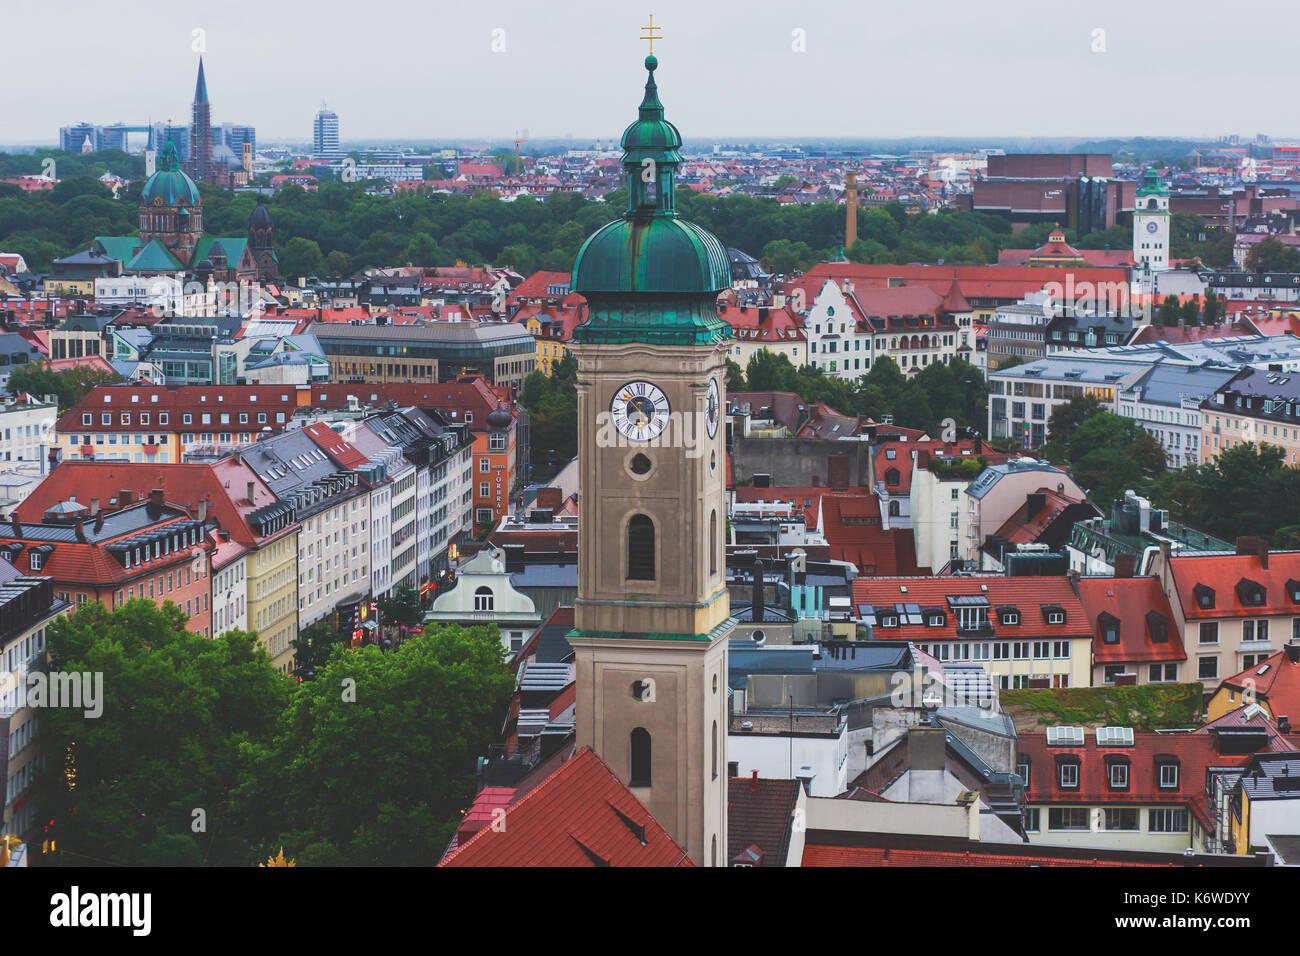 Splendida vista aerea super grandangolare di Monaco, Baviera, Germania con skyline e paesaggi oltre la città, visto Foto Stock